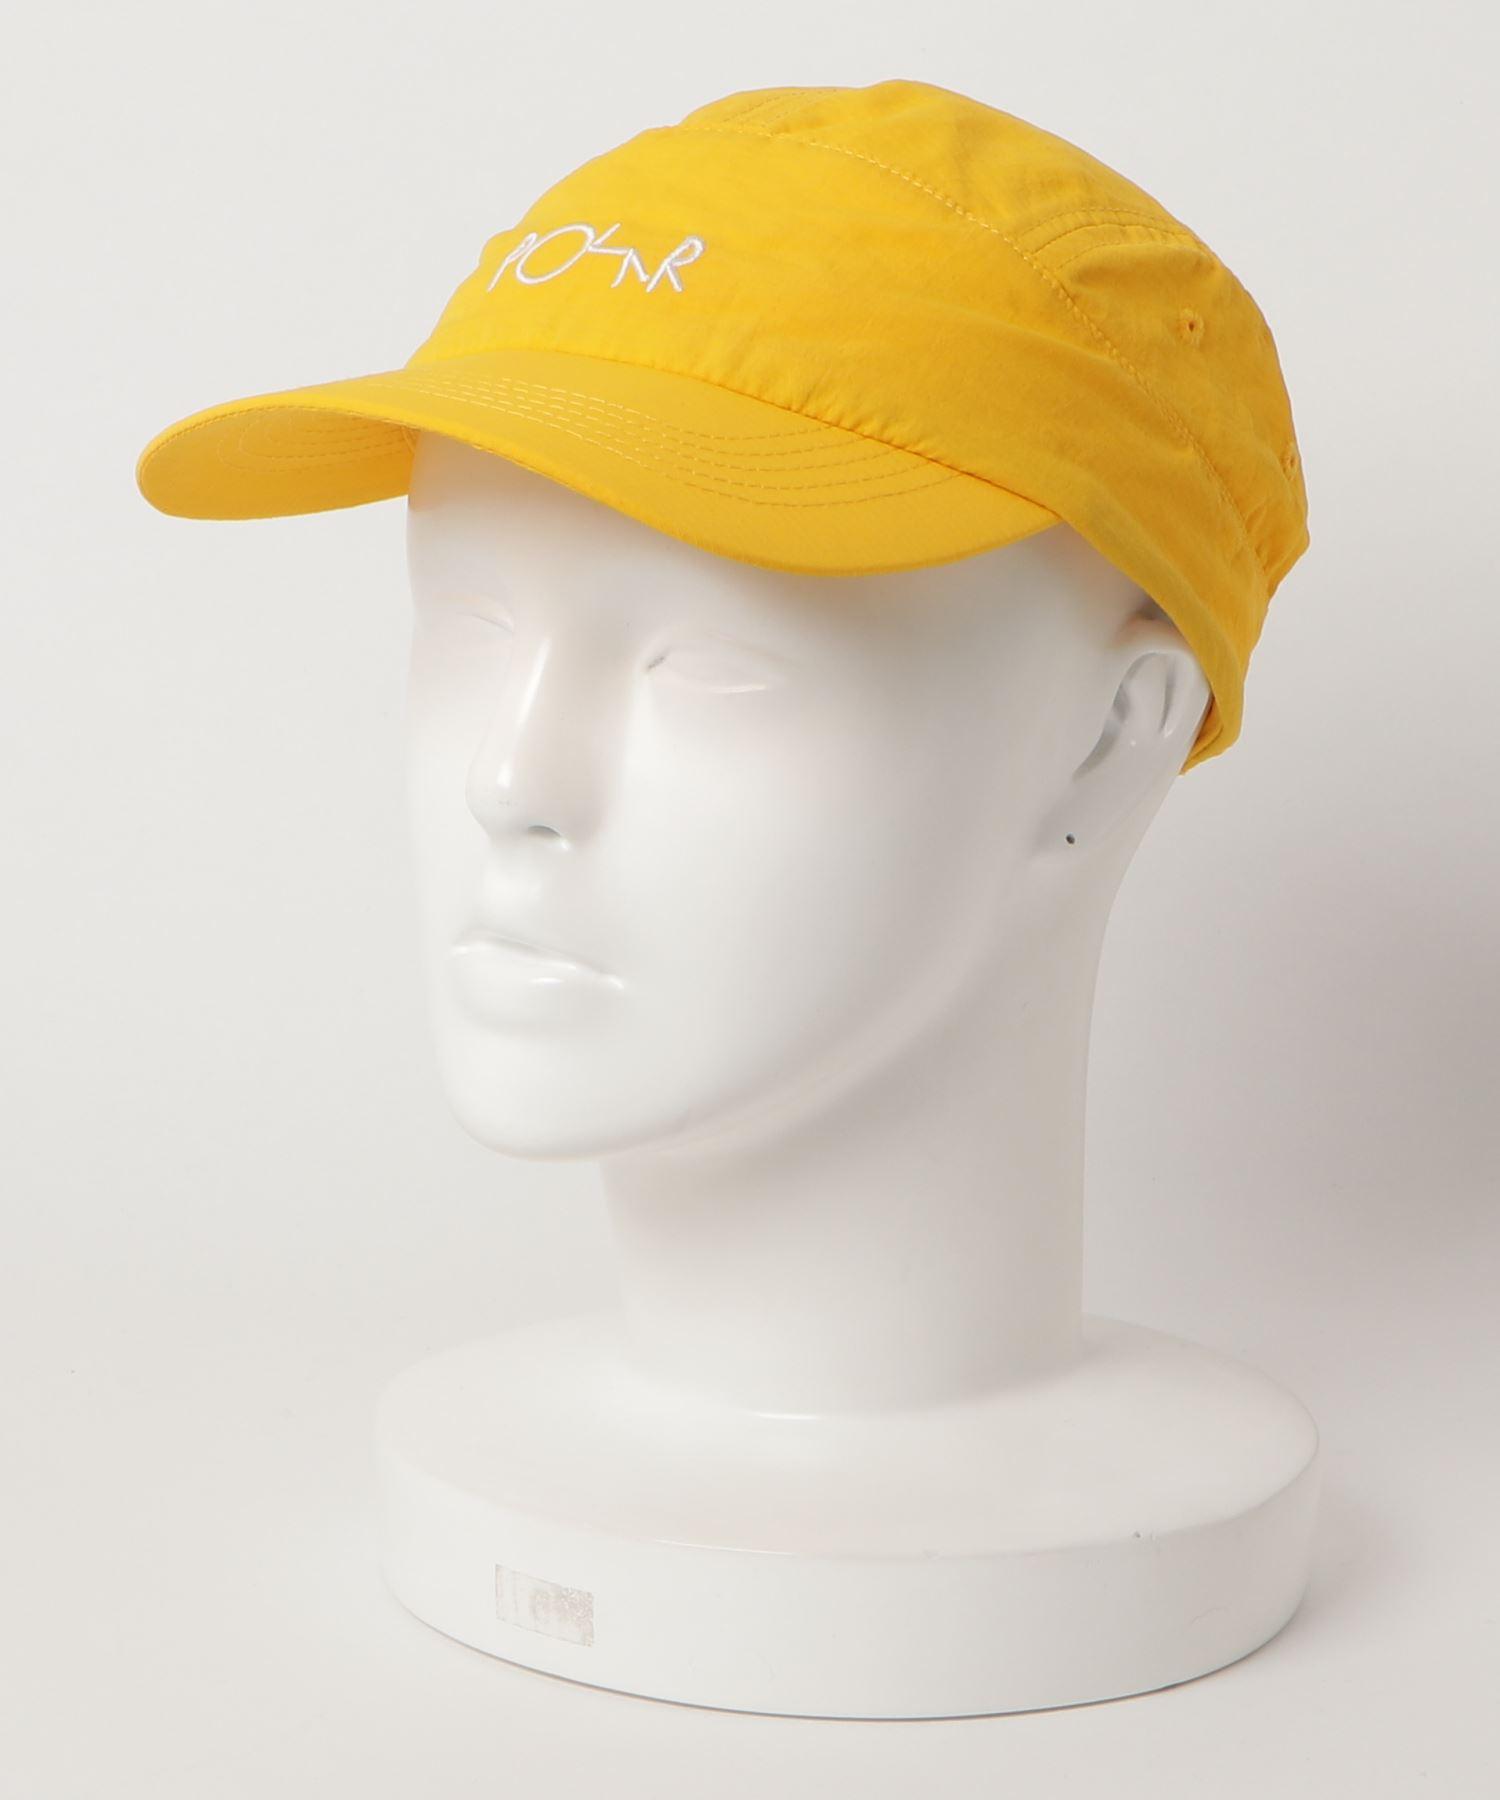 POLAR ポーラー / CAP